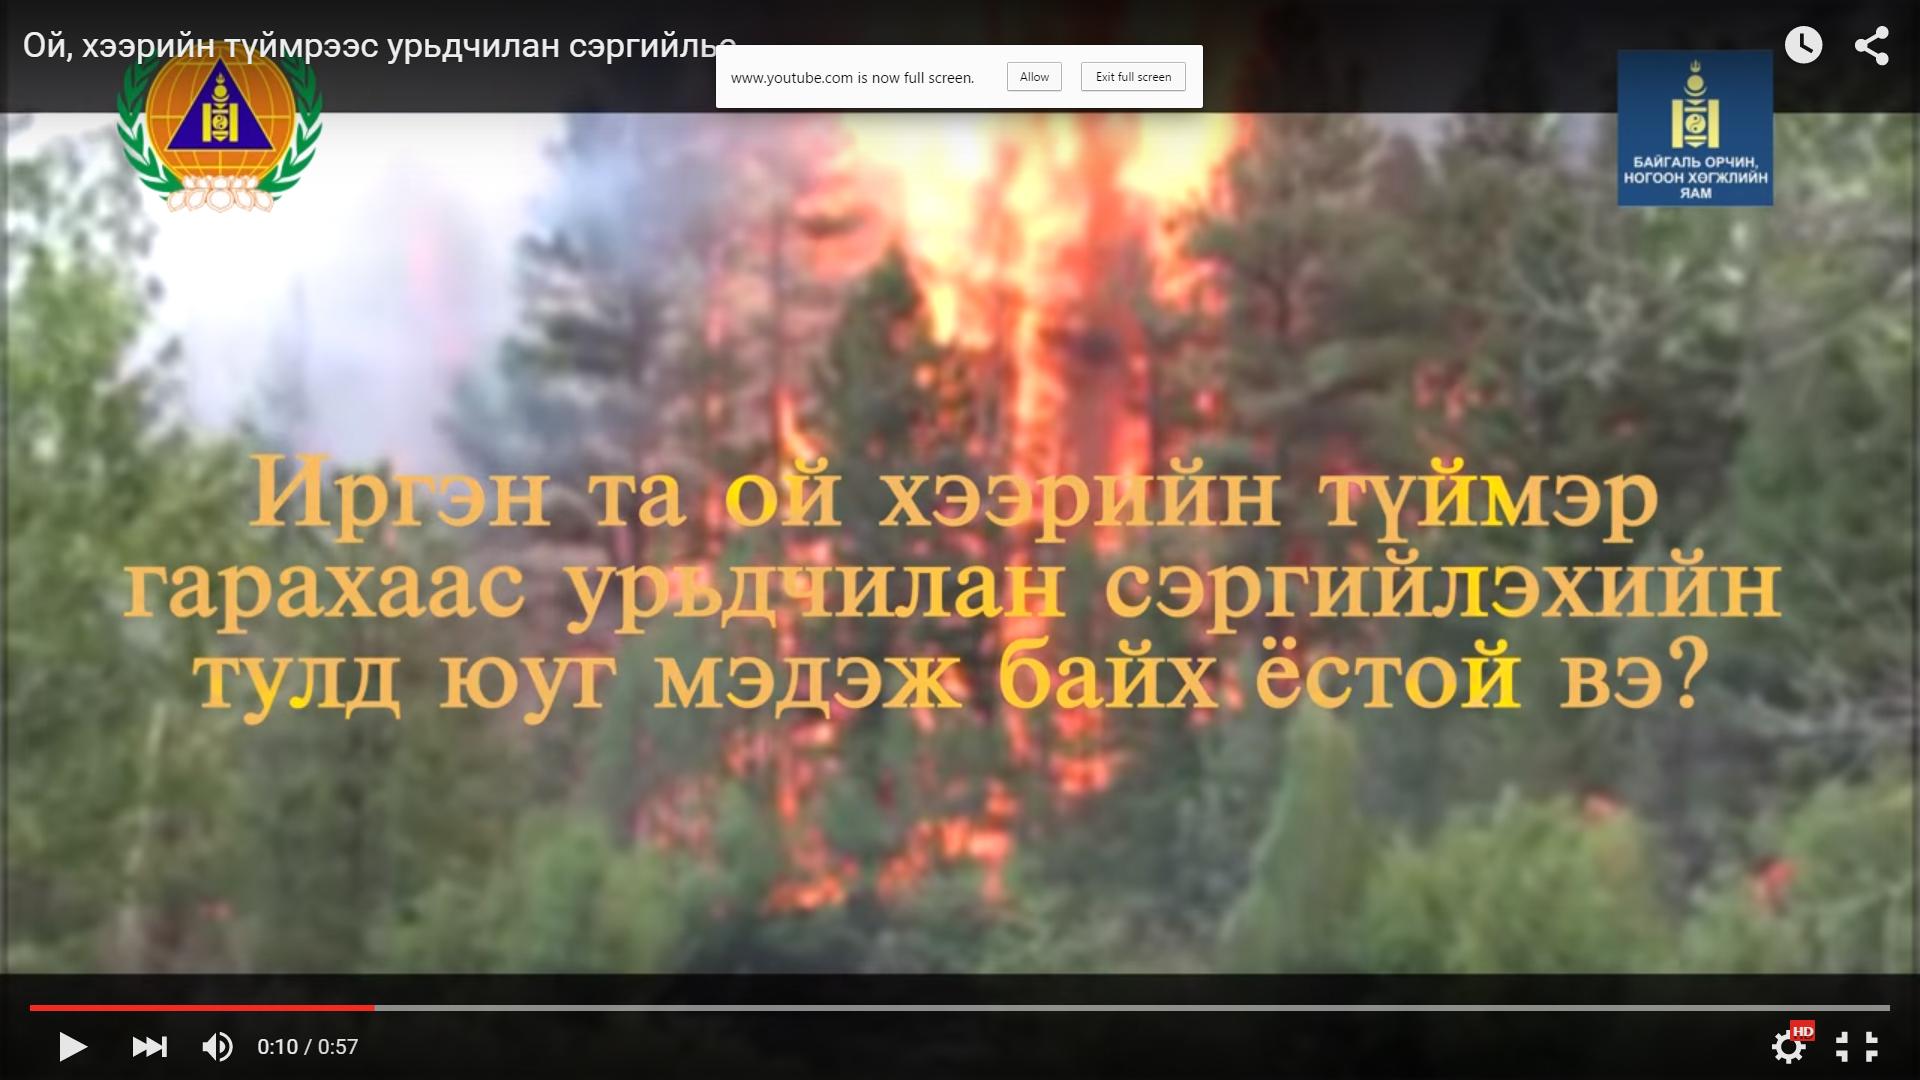 Ой, хээрийн түймрээс урьдчилан сэргийлье